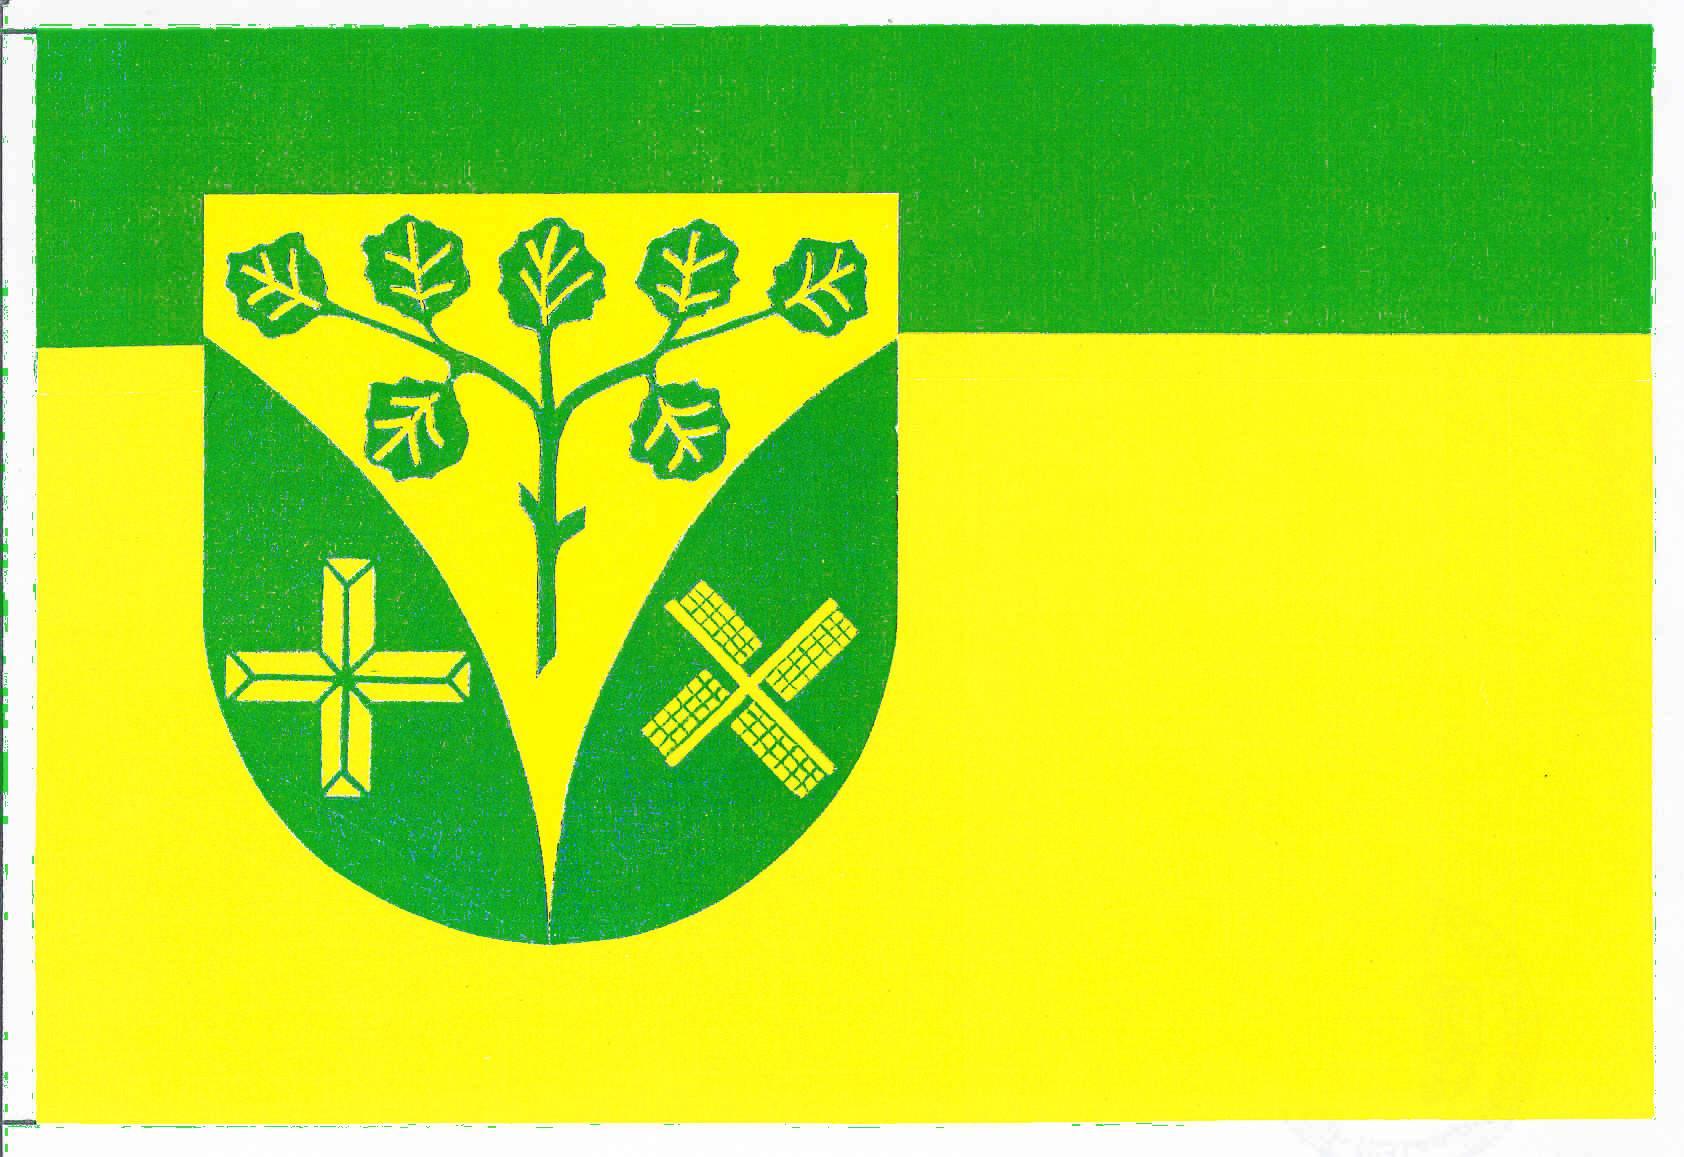 Flagge GemeindeMedelby, Kreis Schleswig-Flensburg